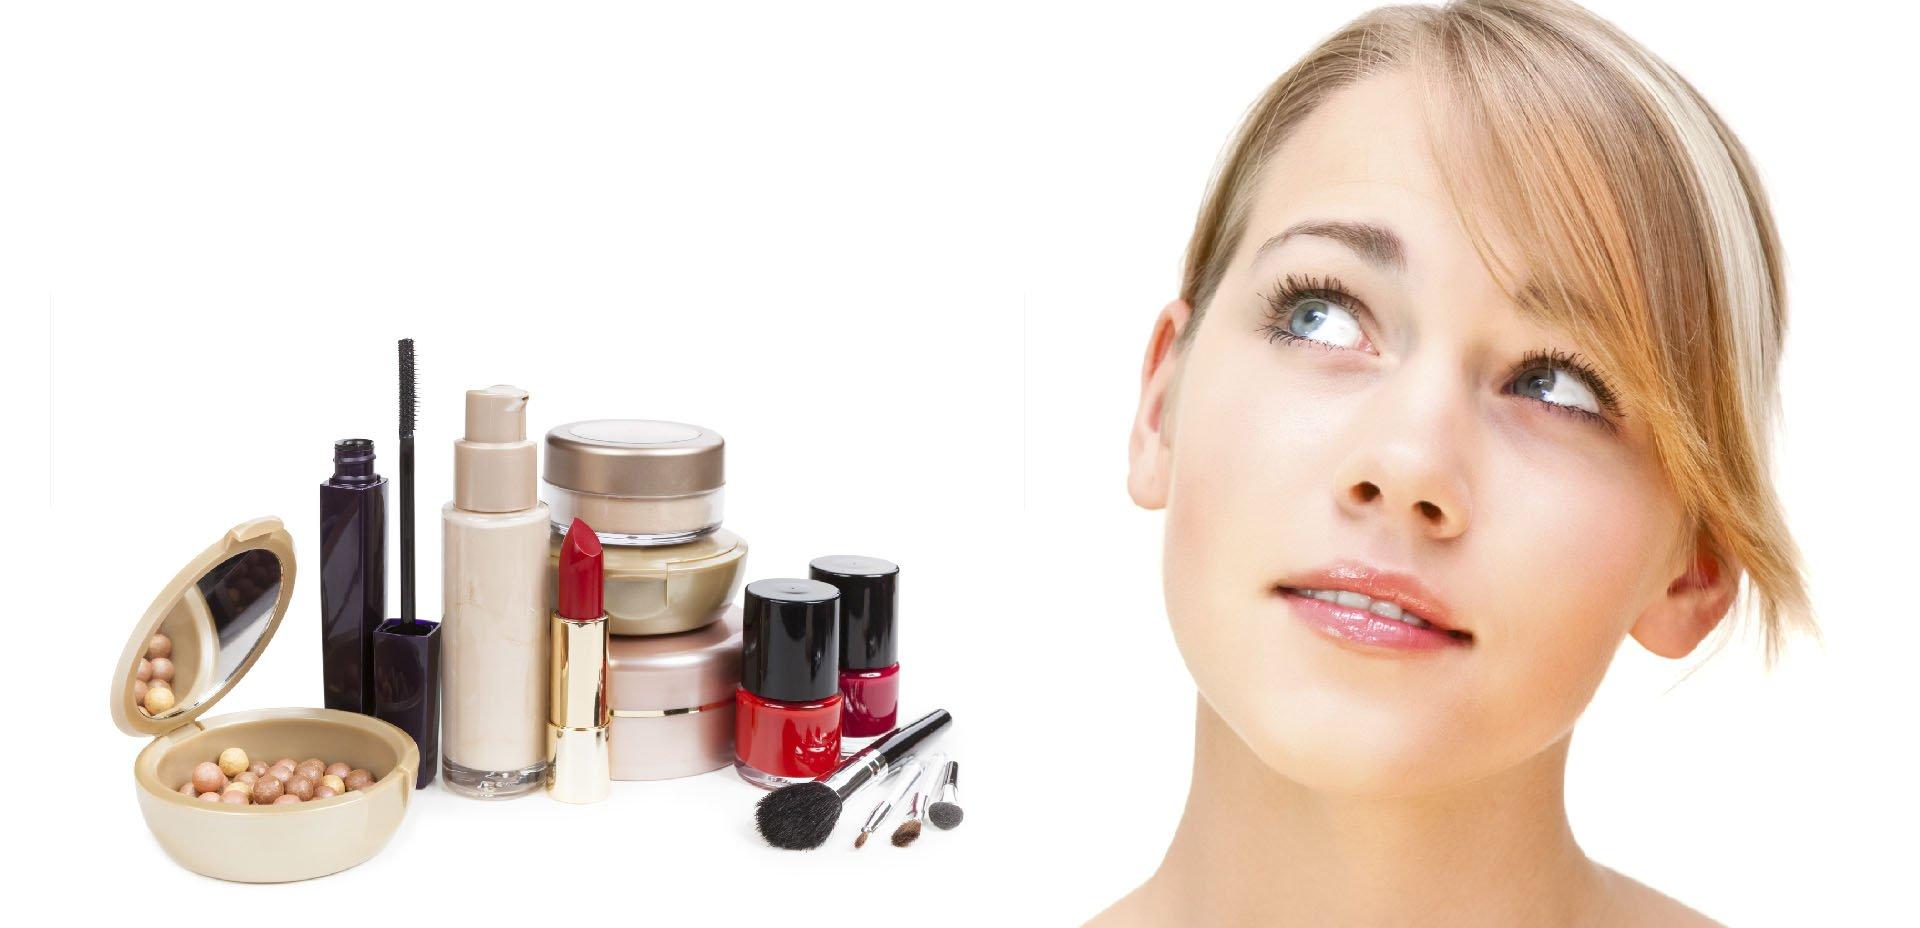 sostenze nocive nei cosmetici?